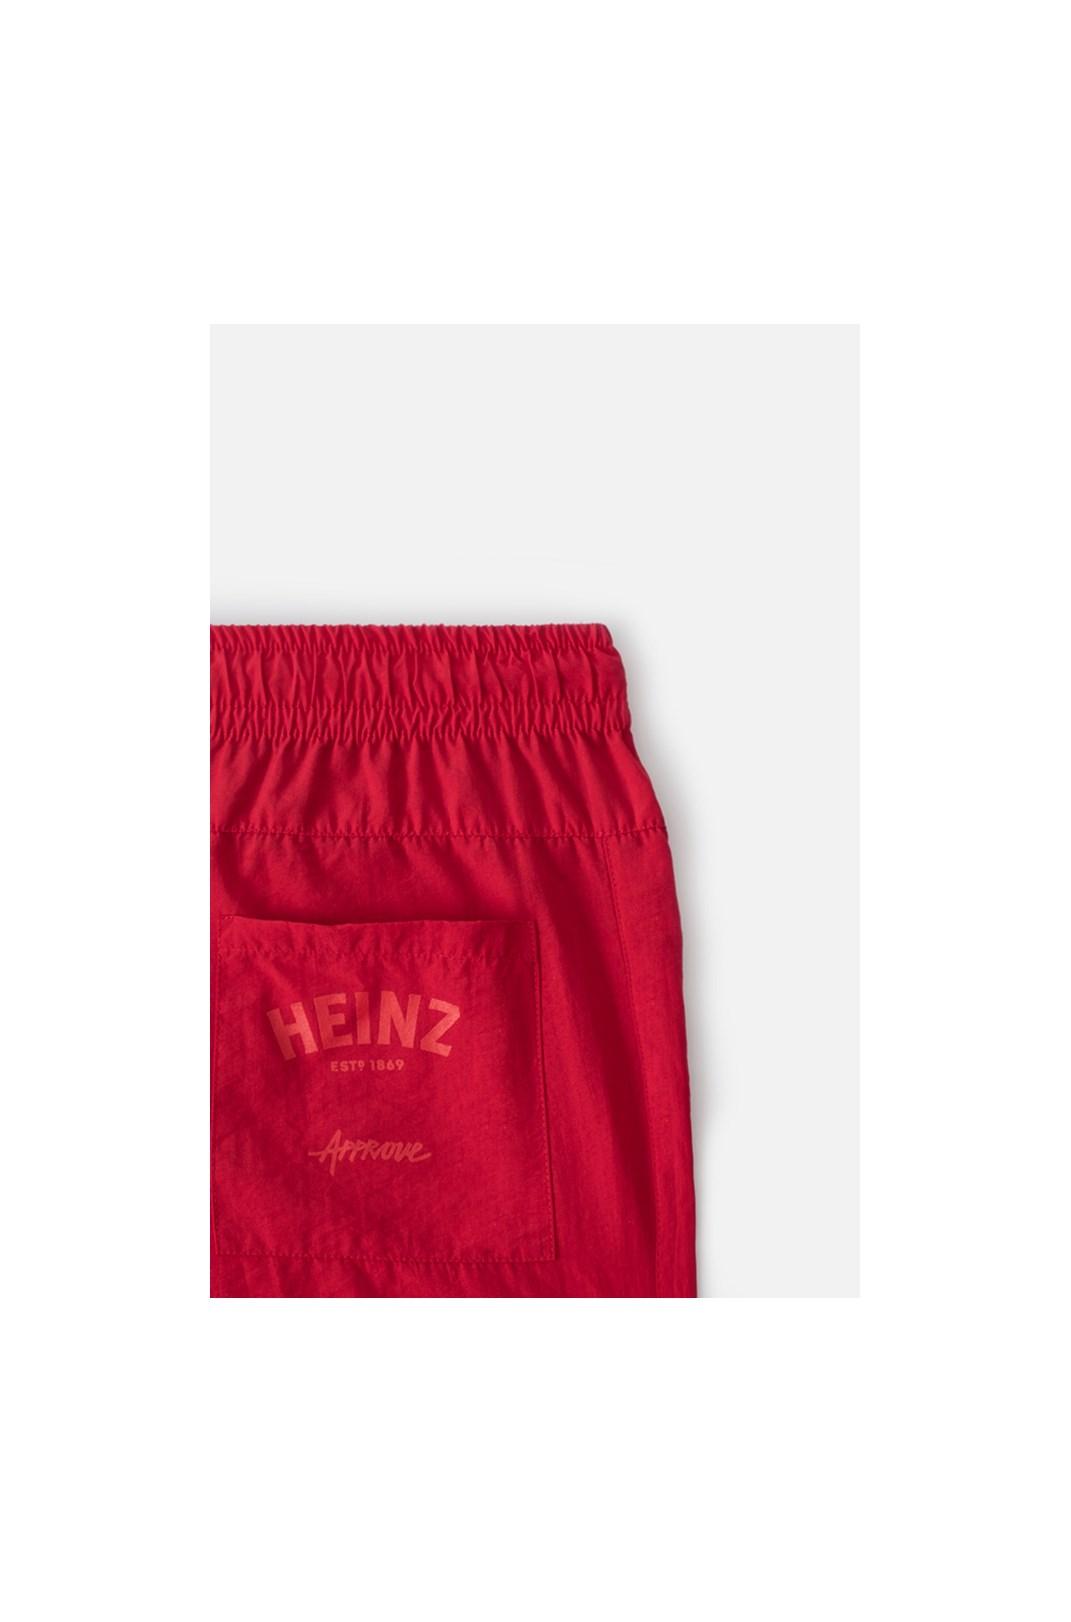 Calça Jogger Approve X Heinz Vermelha